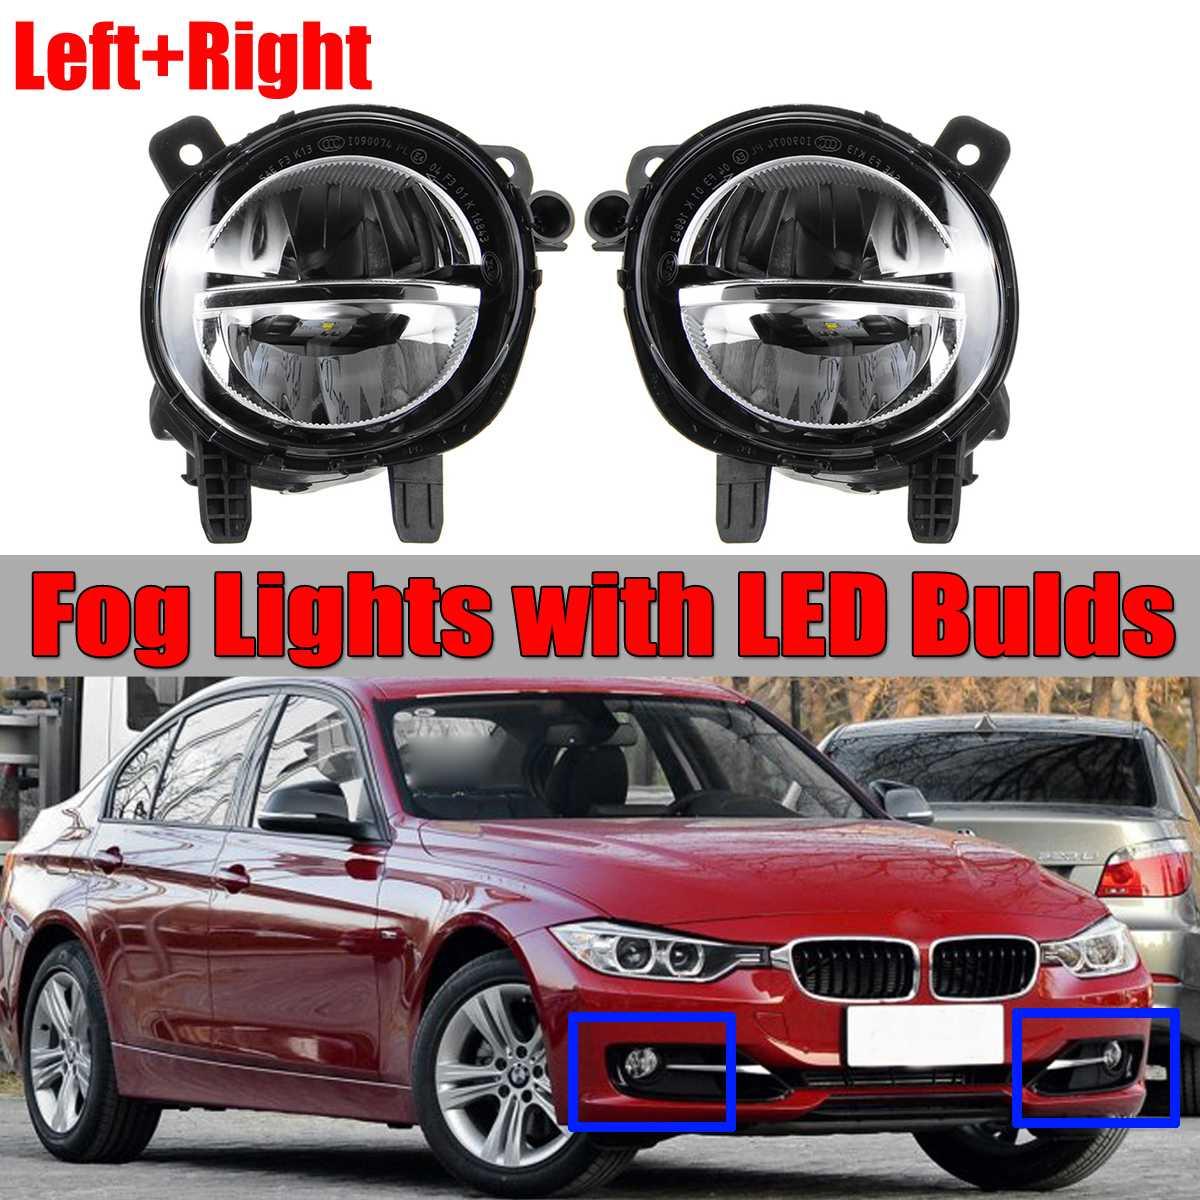 Une paire voiture avant LED antibrouillard feu de brouillard DRL lampe de conduite pour BMW F20 F22 F30 F35 LCI avec LED Bulds 63177315559 63177315560